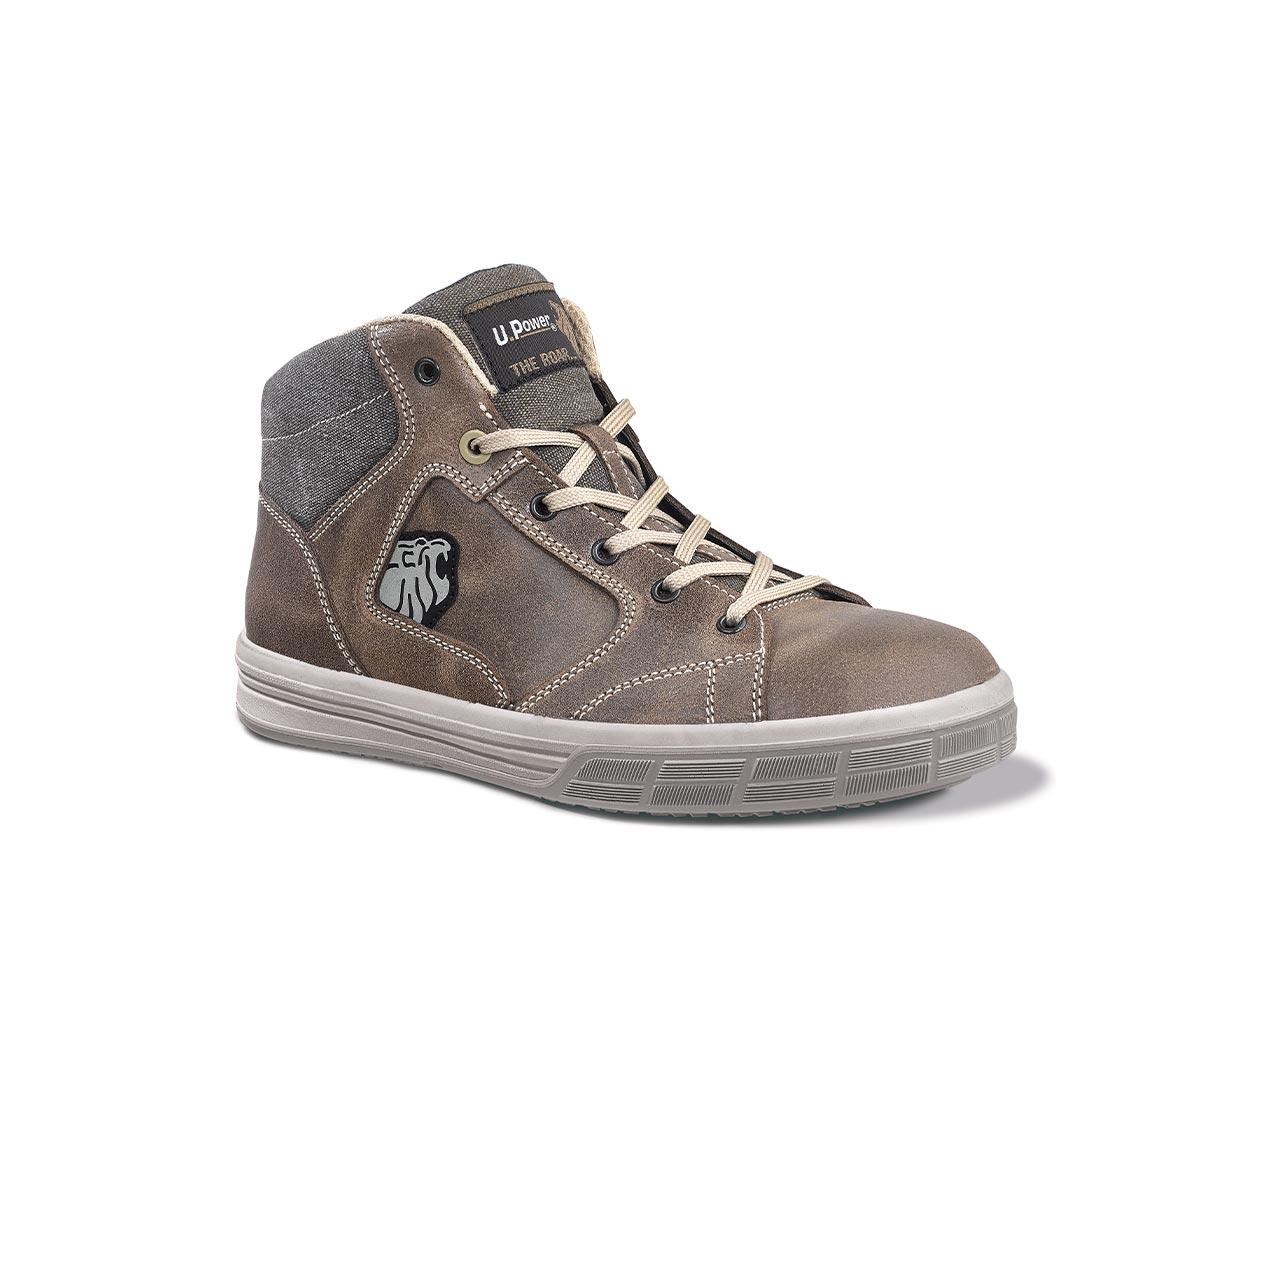 scarpa antinfortunistica upower modello safari linea theroar vista laterale